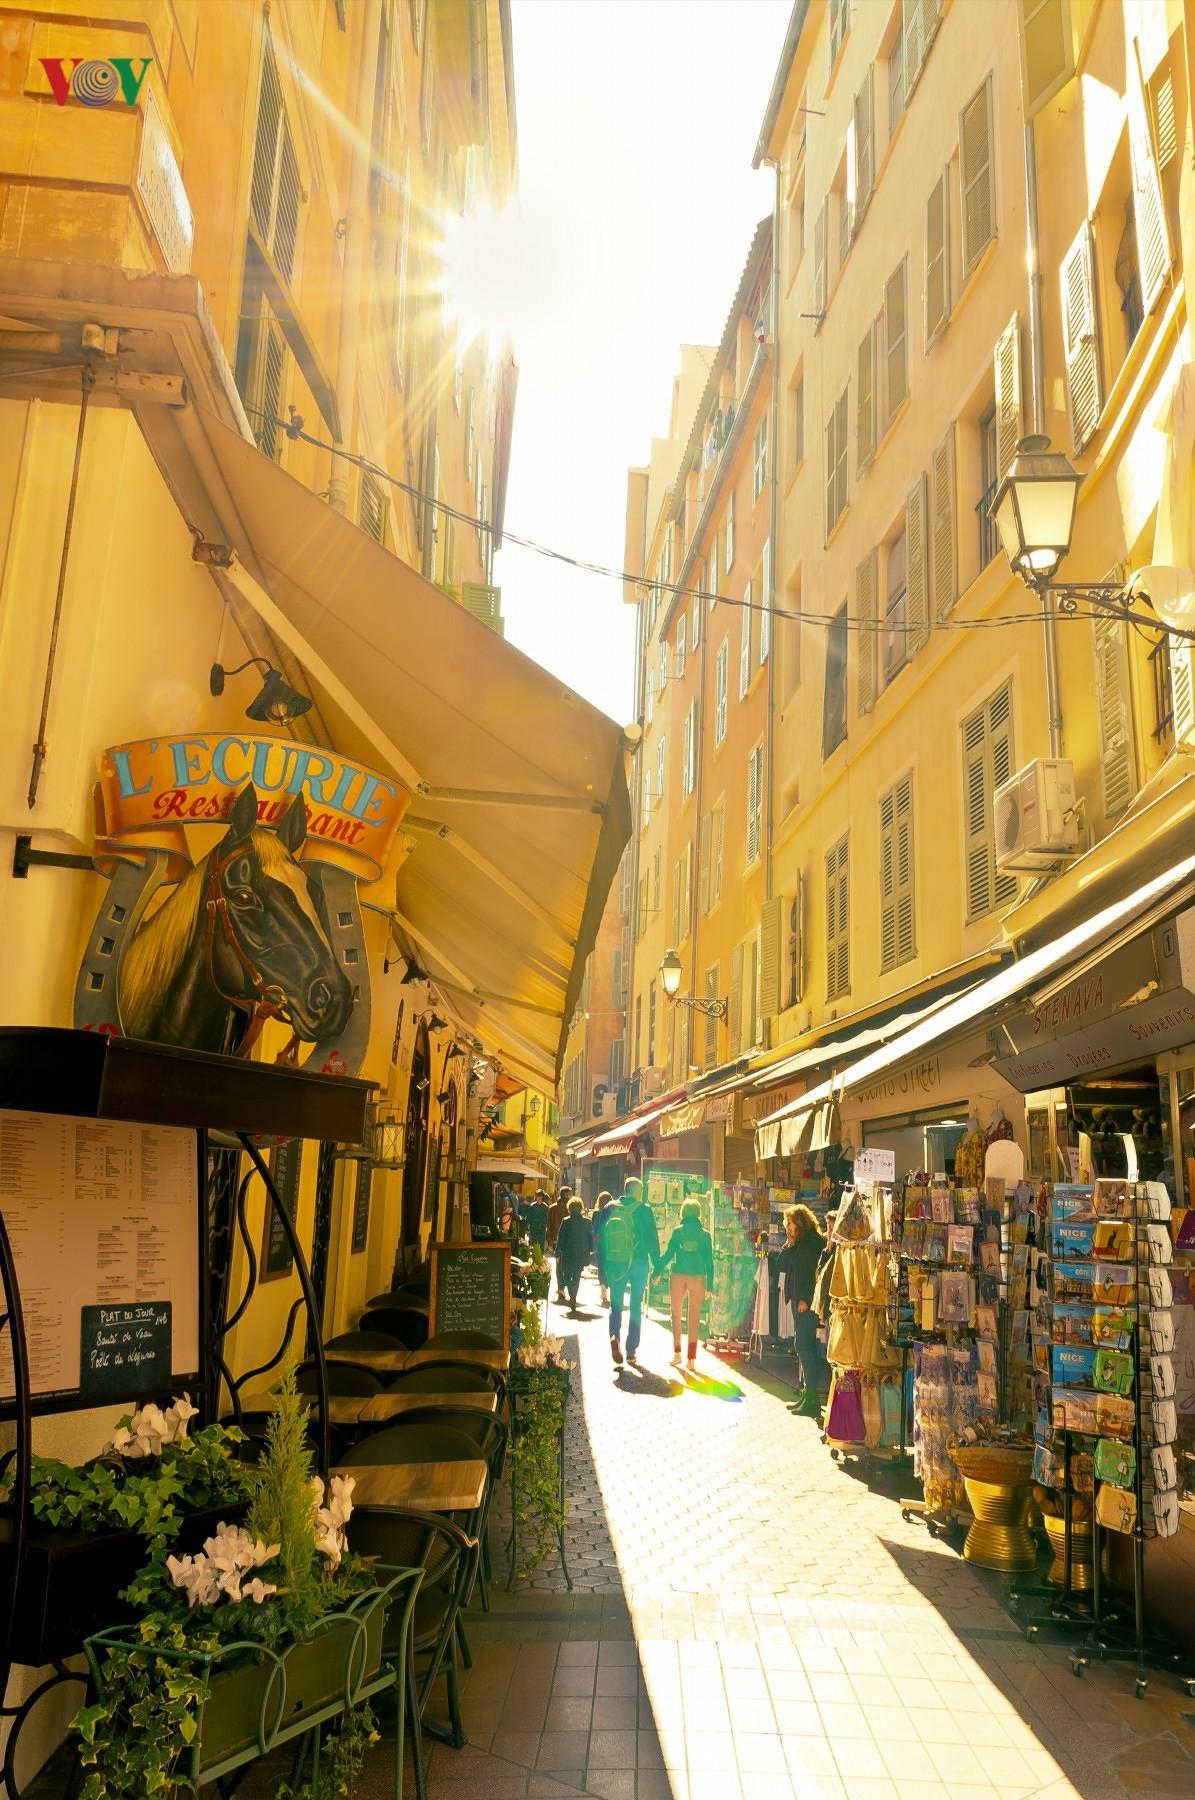 Khám phá Nice - thành phố biển quyến rũ nhất Địa Trung Hải Ảnh 13